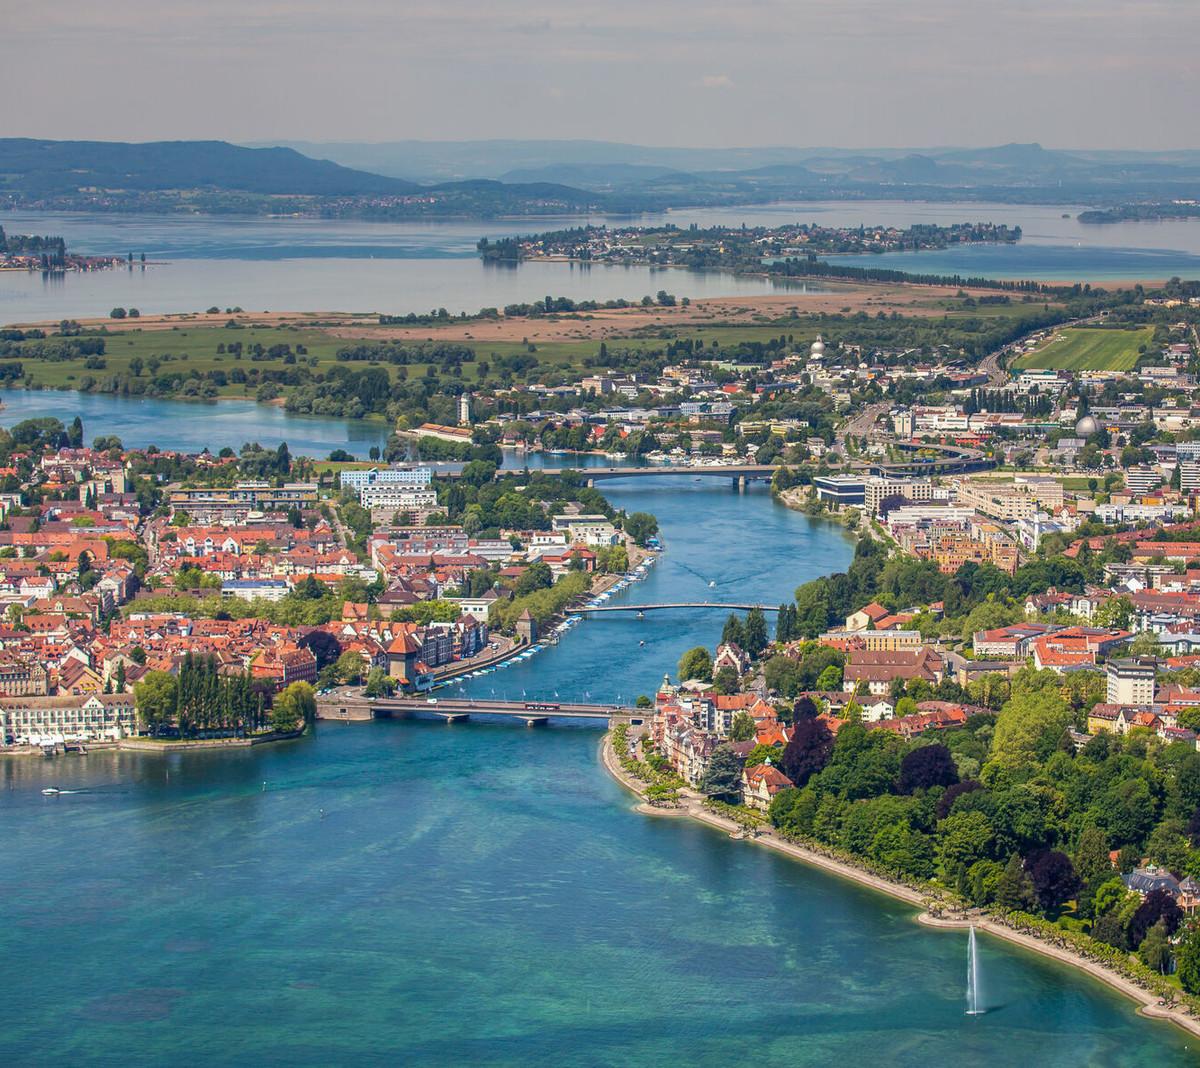 Konstanz-Trichter-Rheinbruecken-Insel-Reichenau-Luftaufnahmen_Copyright_MTK-Deutschland-abgelichtet-Medienproduktion